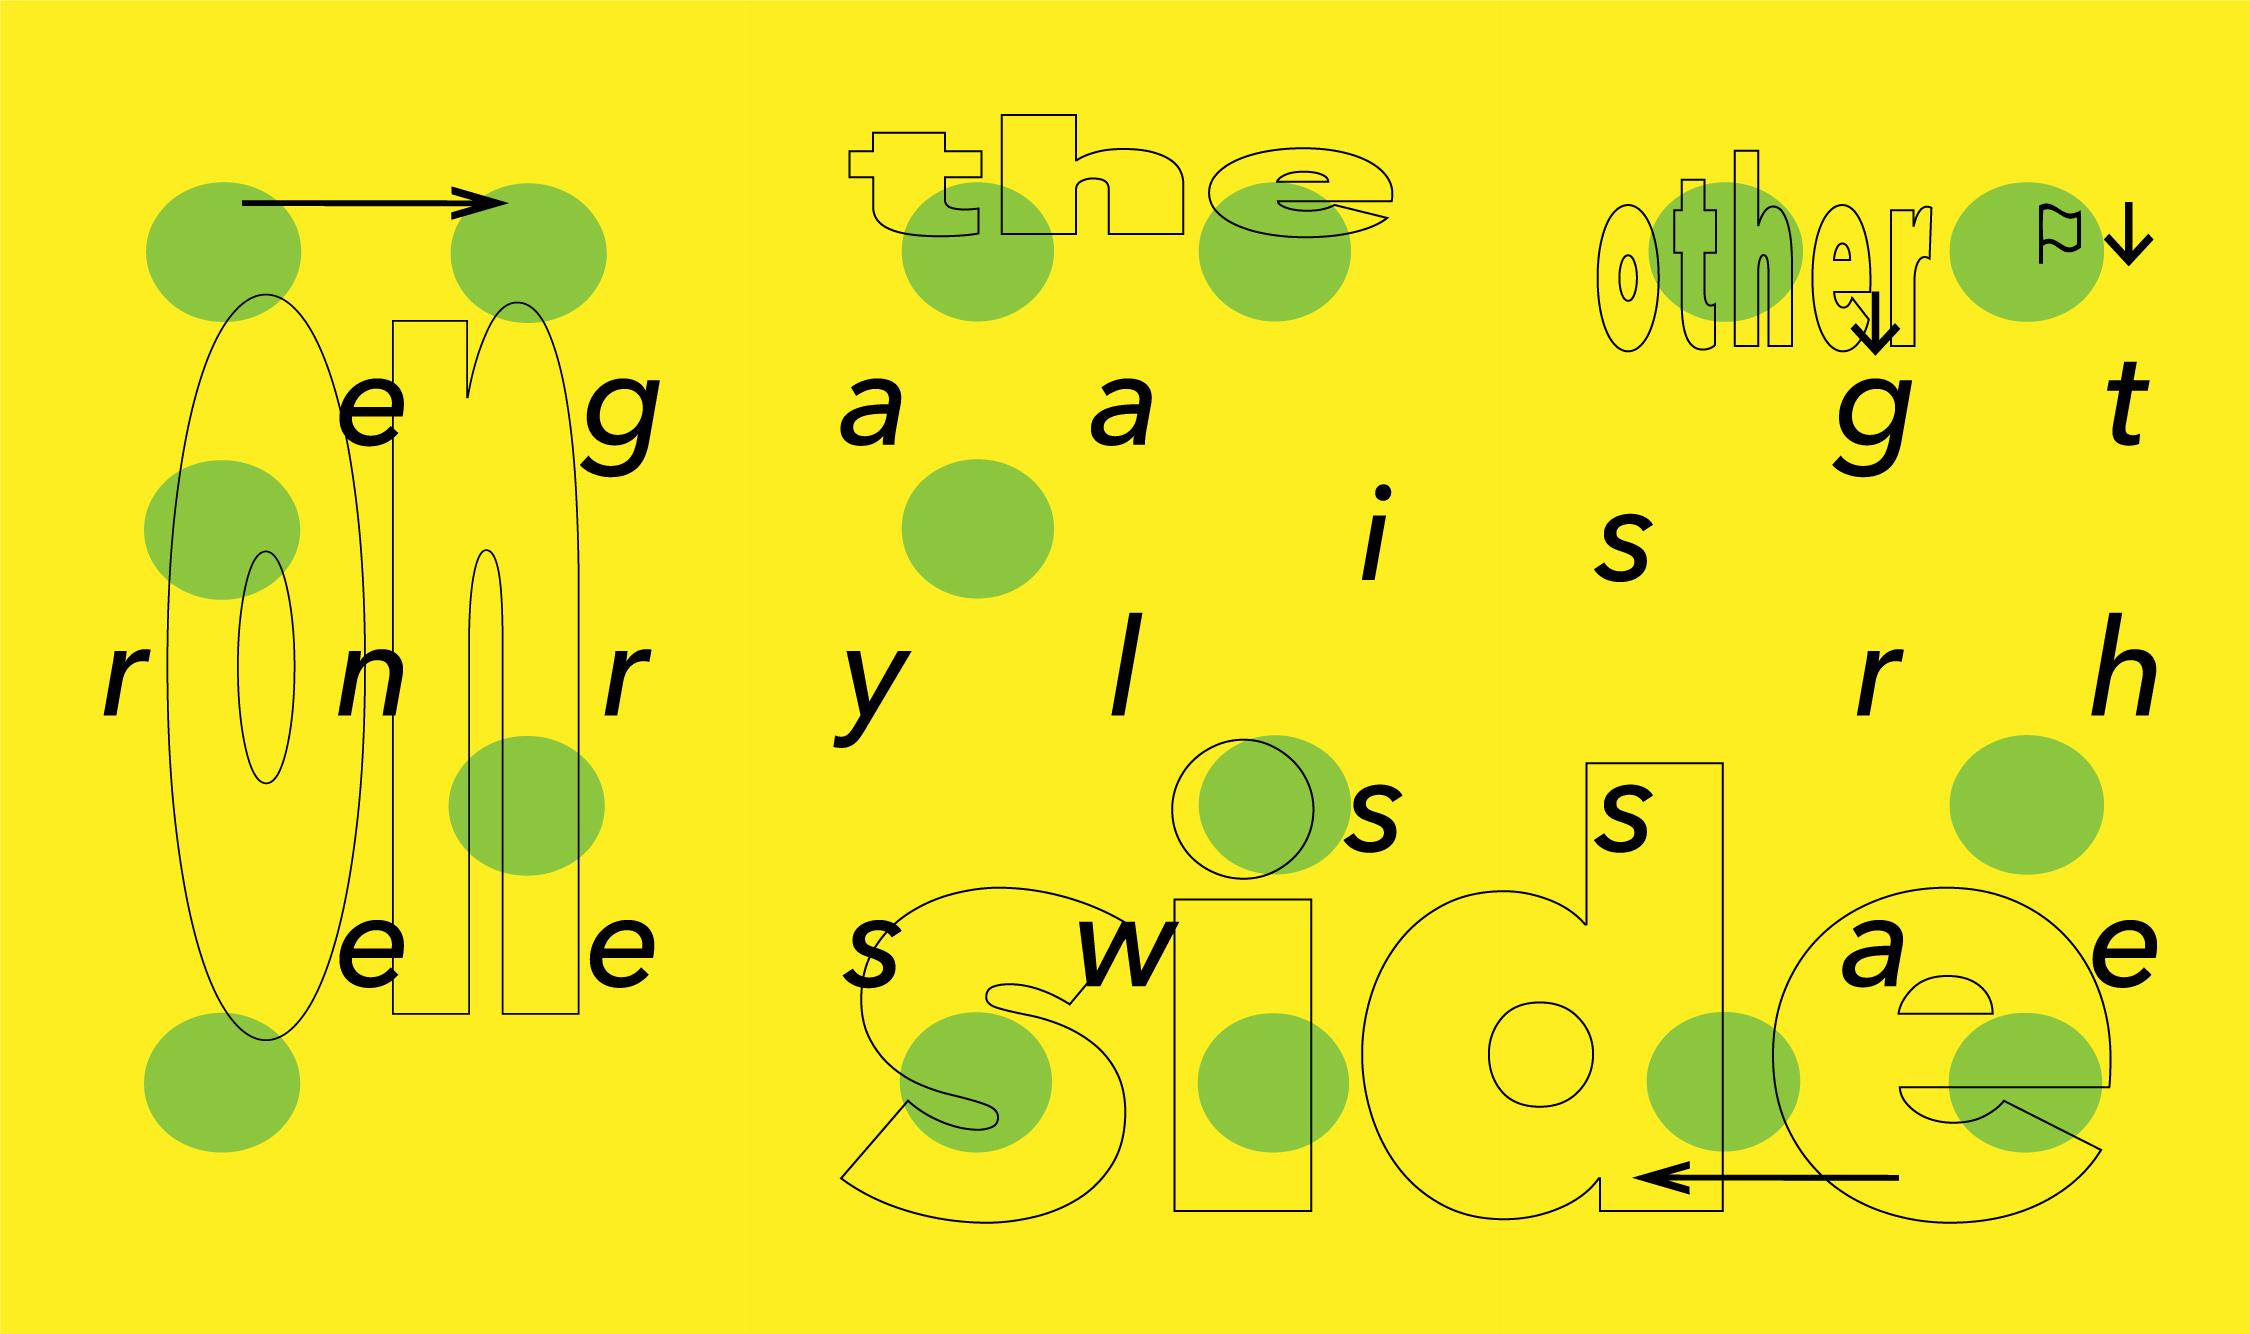 grass-is-greener-full-1.jpg